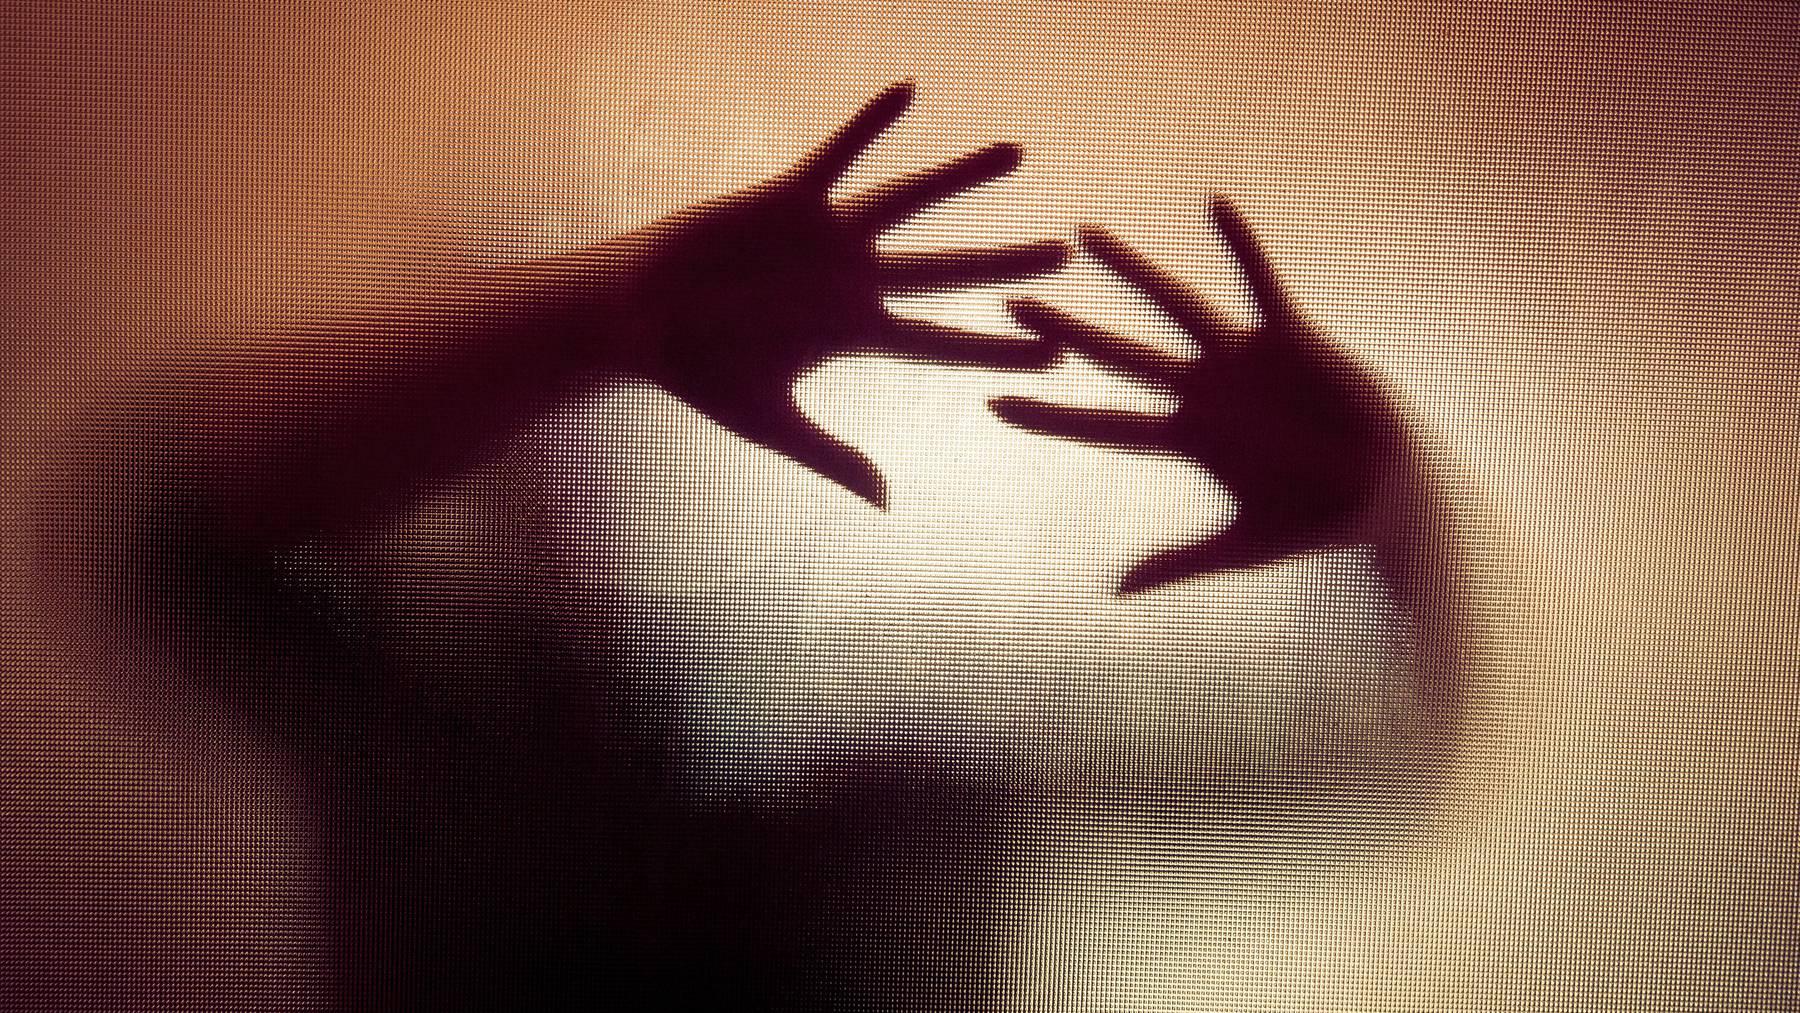 Ein 51-Jähriger hat seinen Neffen sexuell missbraucht. (Symbolbild)